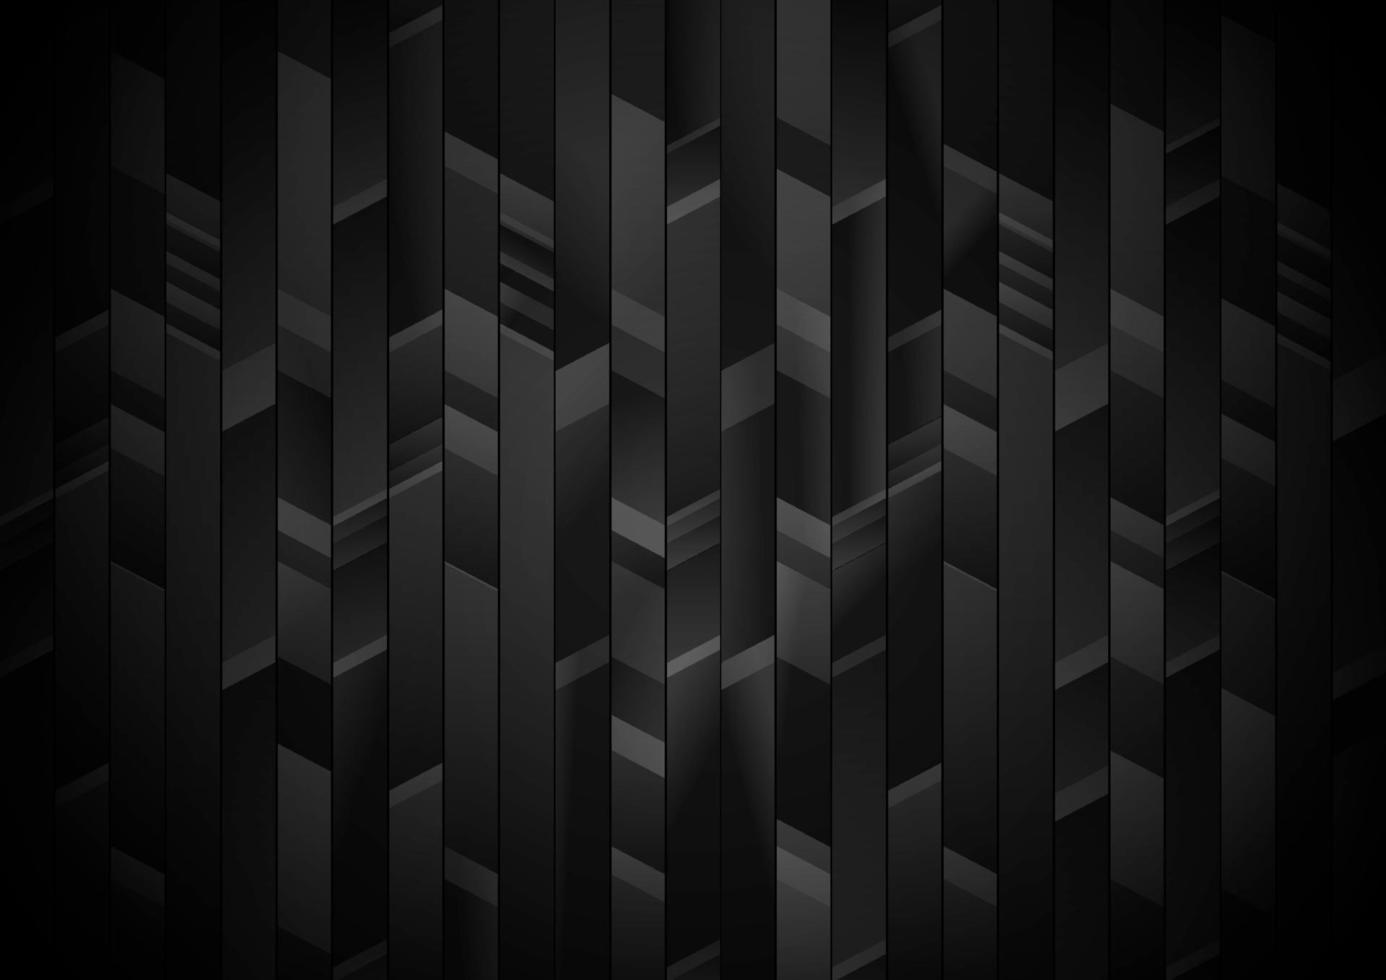 abstracte zwarte en grijze verticale strepen, geometrische patroonachtergrond. vector